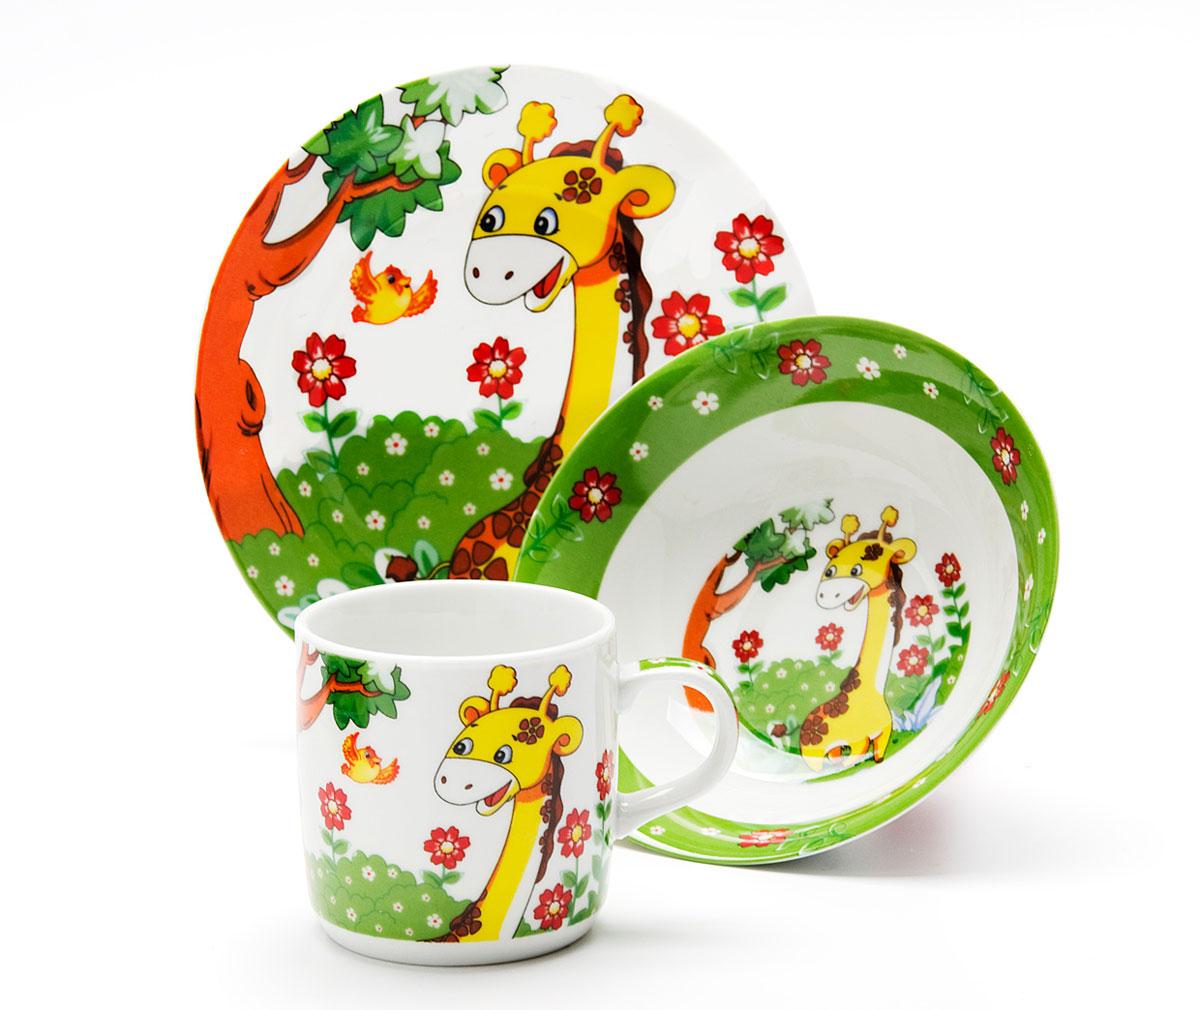 Набор посуды Loraine Жираф, 3 предмета24020Набор посуды Жираф сочетает в себе изысканный дизайн с максимальной функциональностью. В набор входят суповая тарелка, обеденная тарелка и кружка. Предметы набора выполнены из высококачественной керамики, декорированы красочным рисунком. Благодаря такому набору обед вашего ребенка будет еще вкуснее. Набор упакован в красочную, подарочную упаковку.